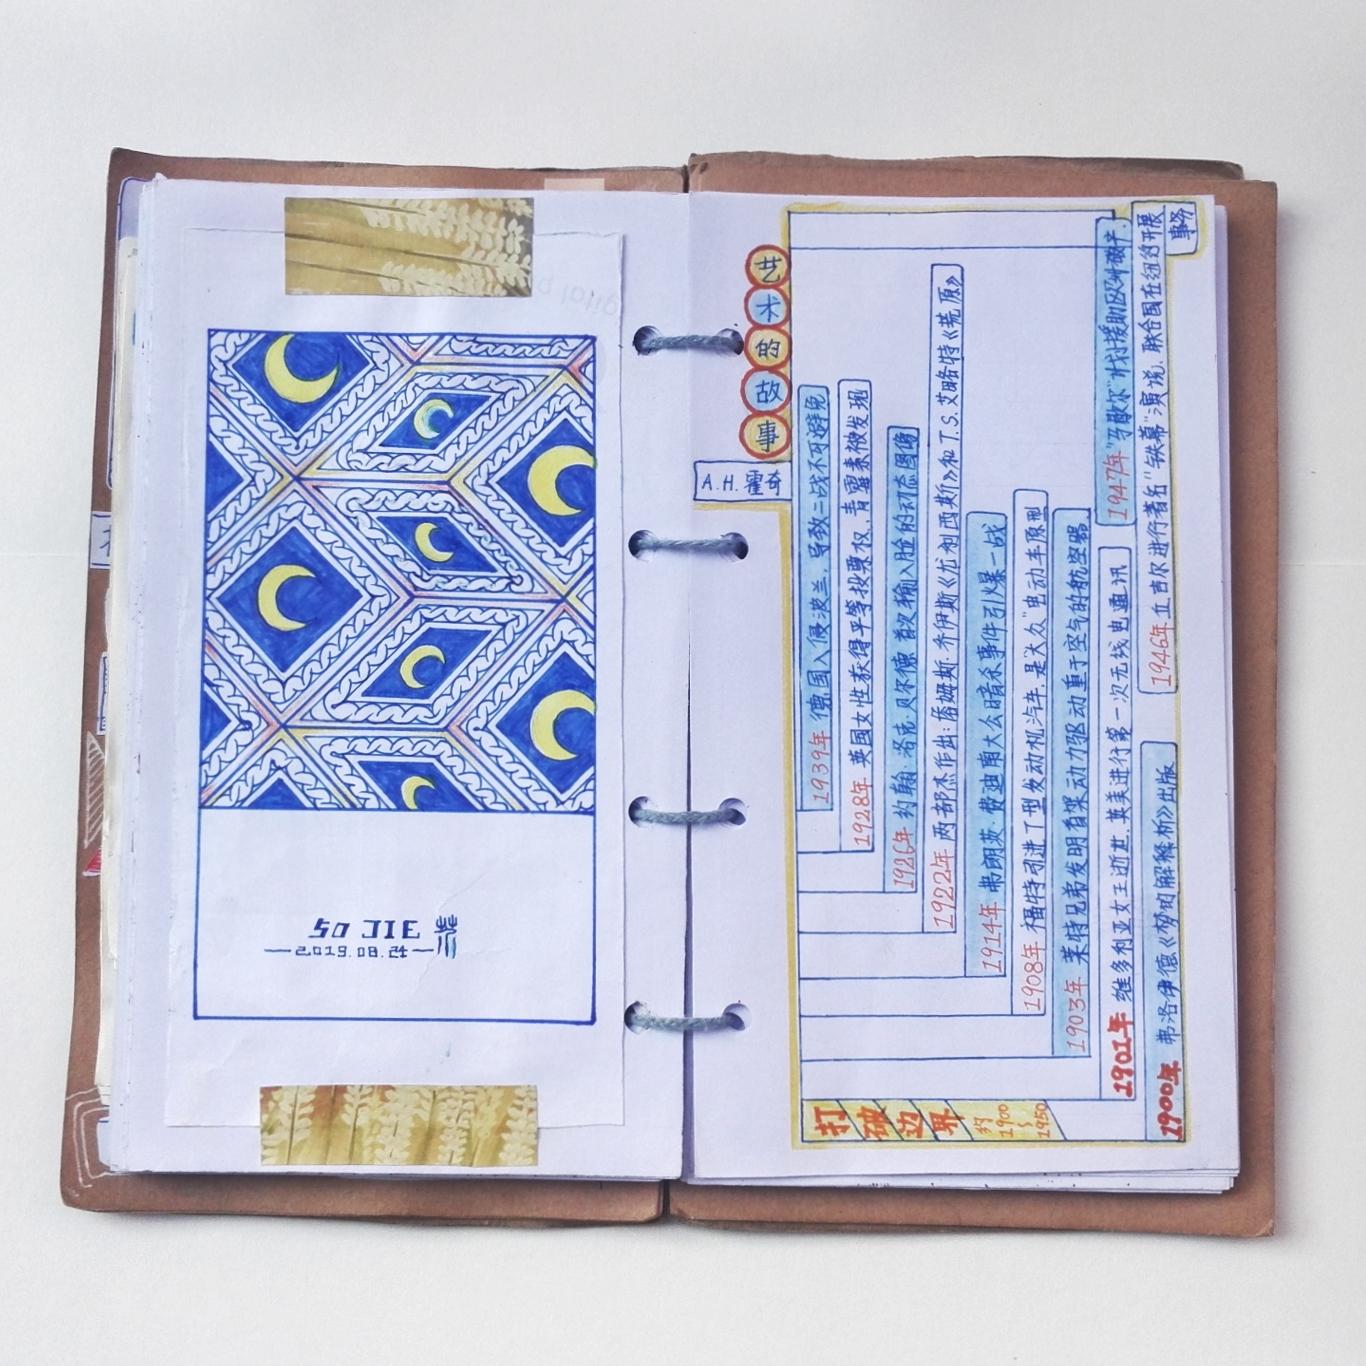 手帐|两份读书笔记,两种排版风格